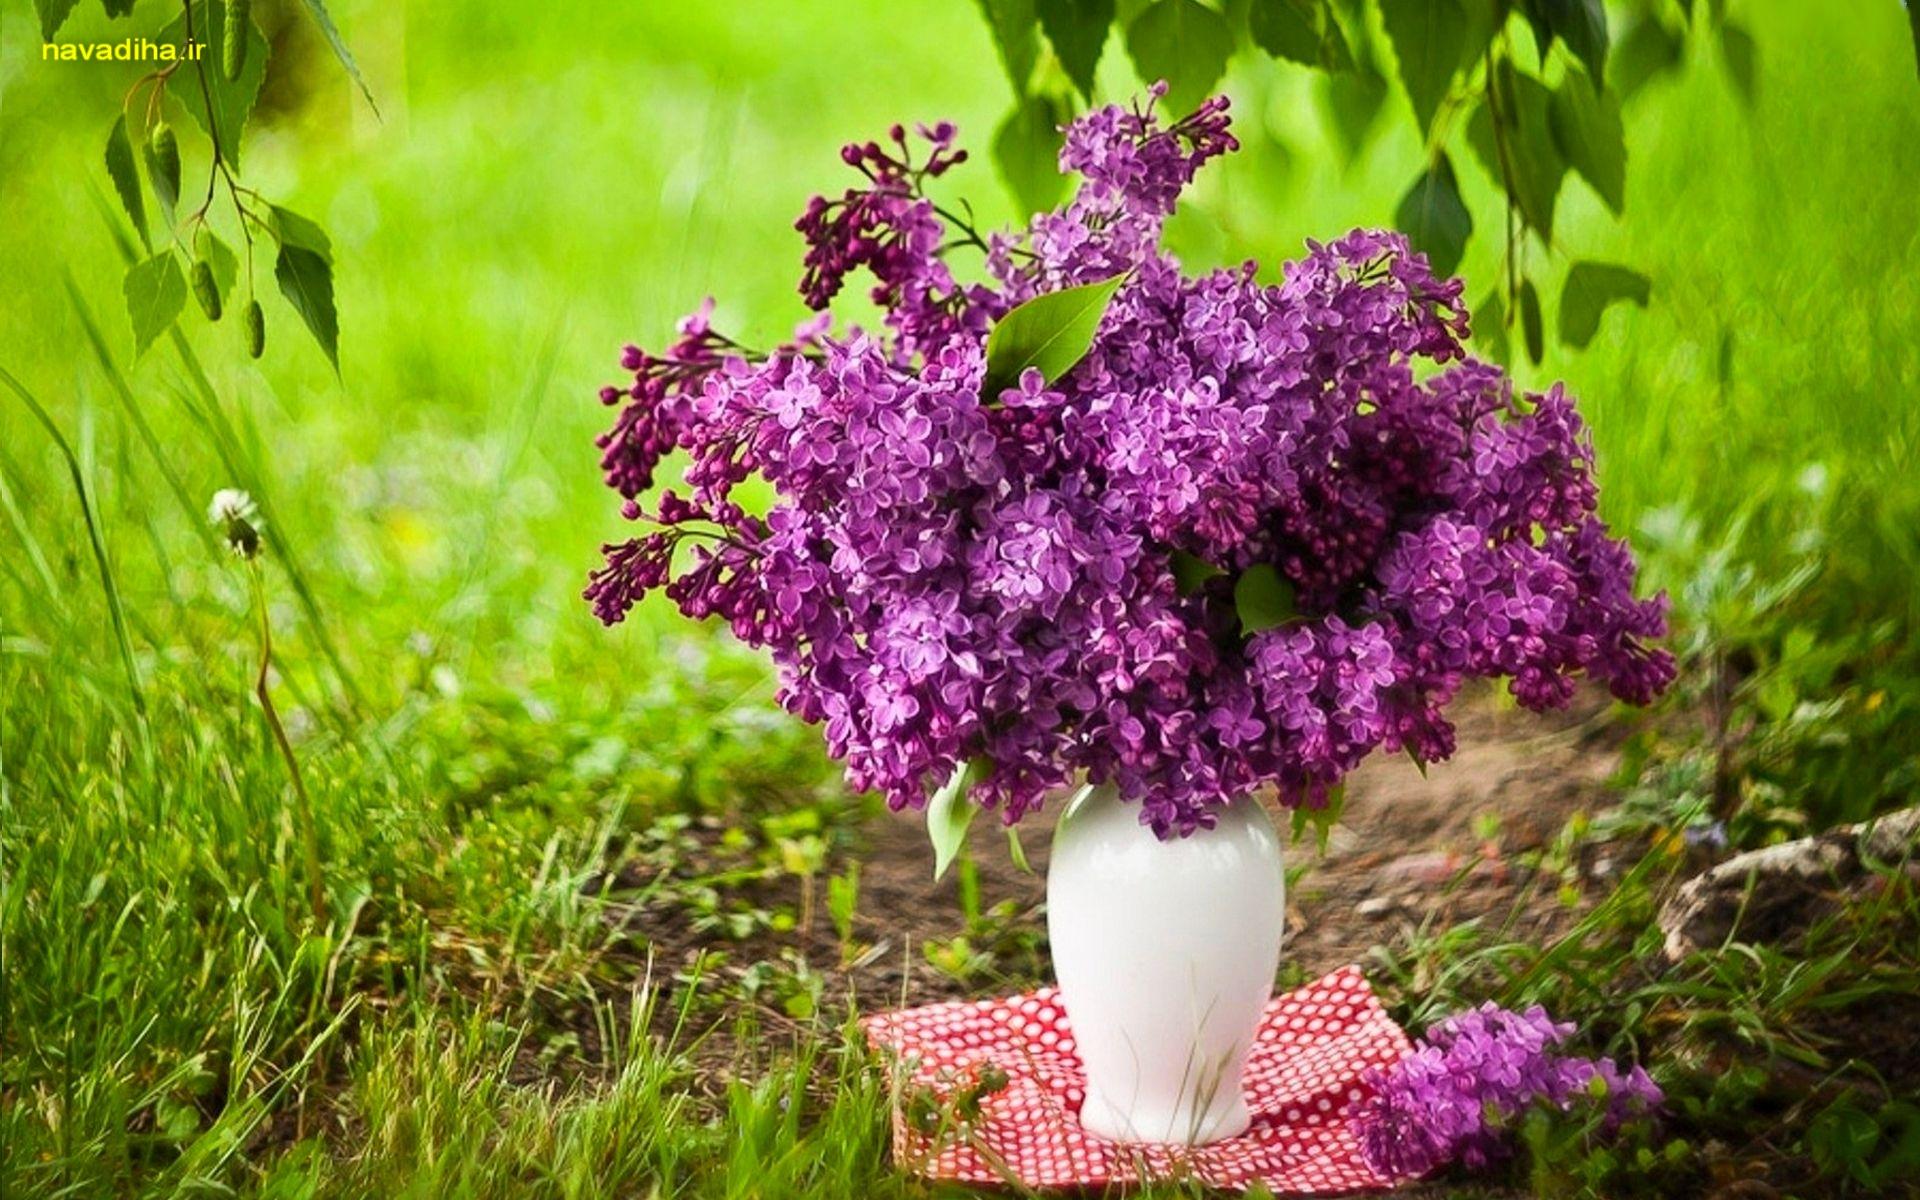 عکس فصل بهار با کیفیت hd